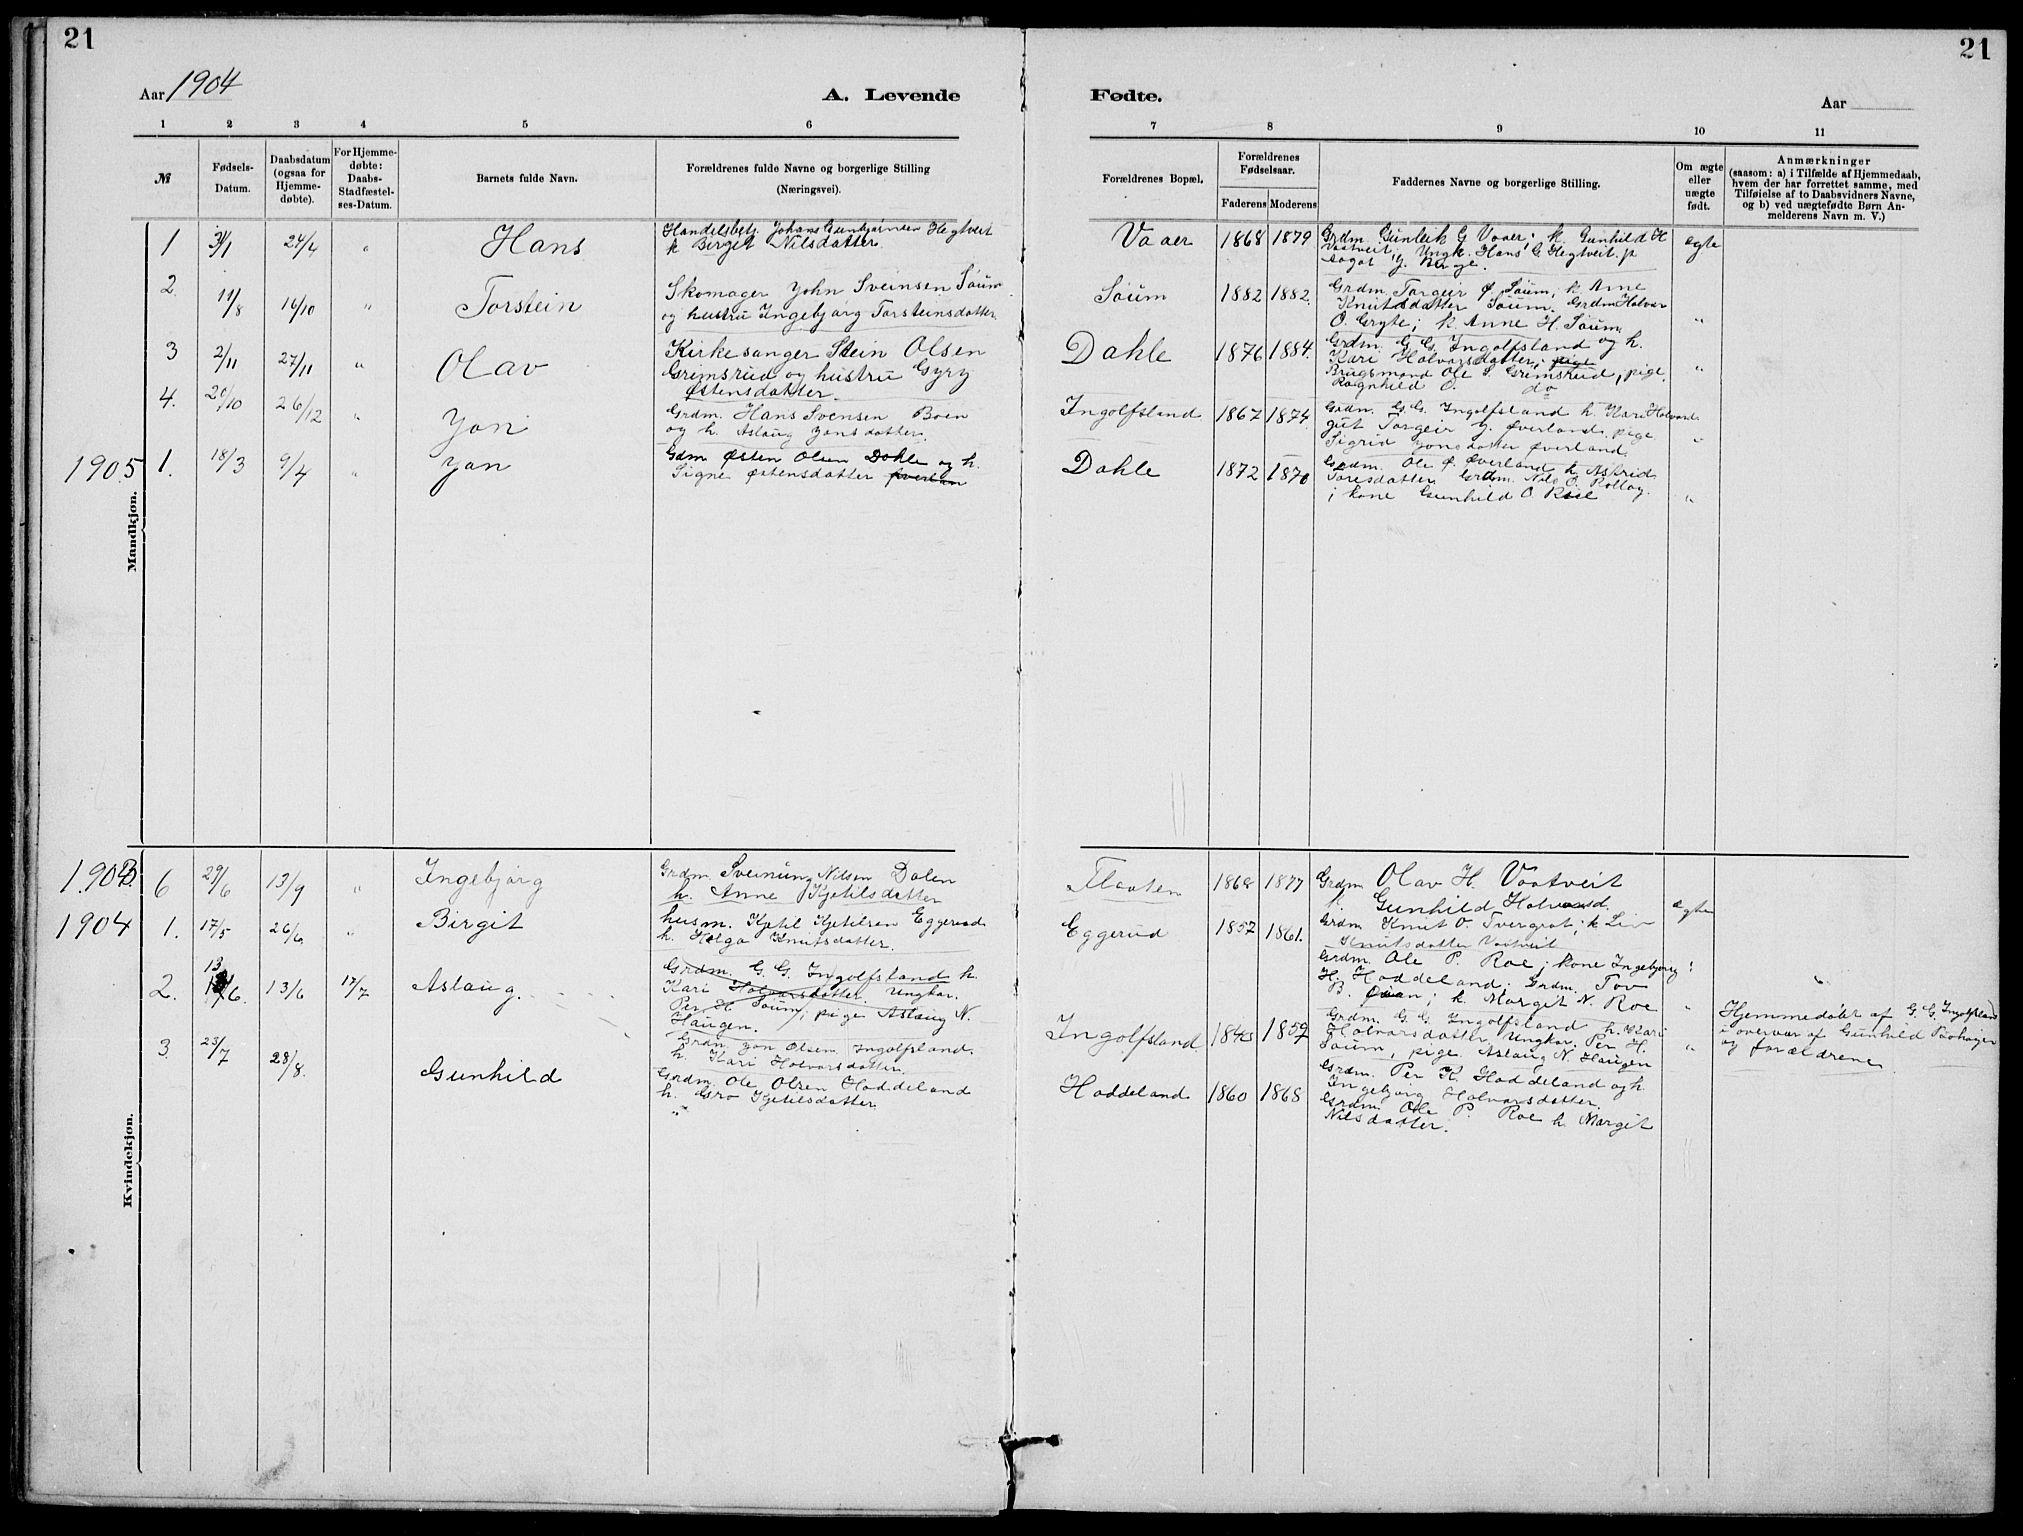 SAKO, Rjukan kirkebøker, G/Ga/L0001: Klokkerbok nr. 1, 1880-1914, s. 21